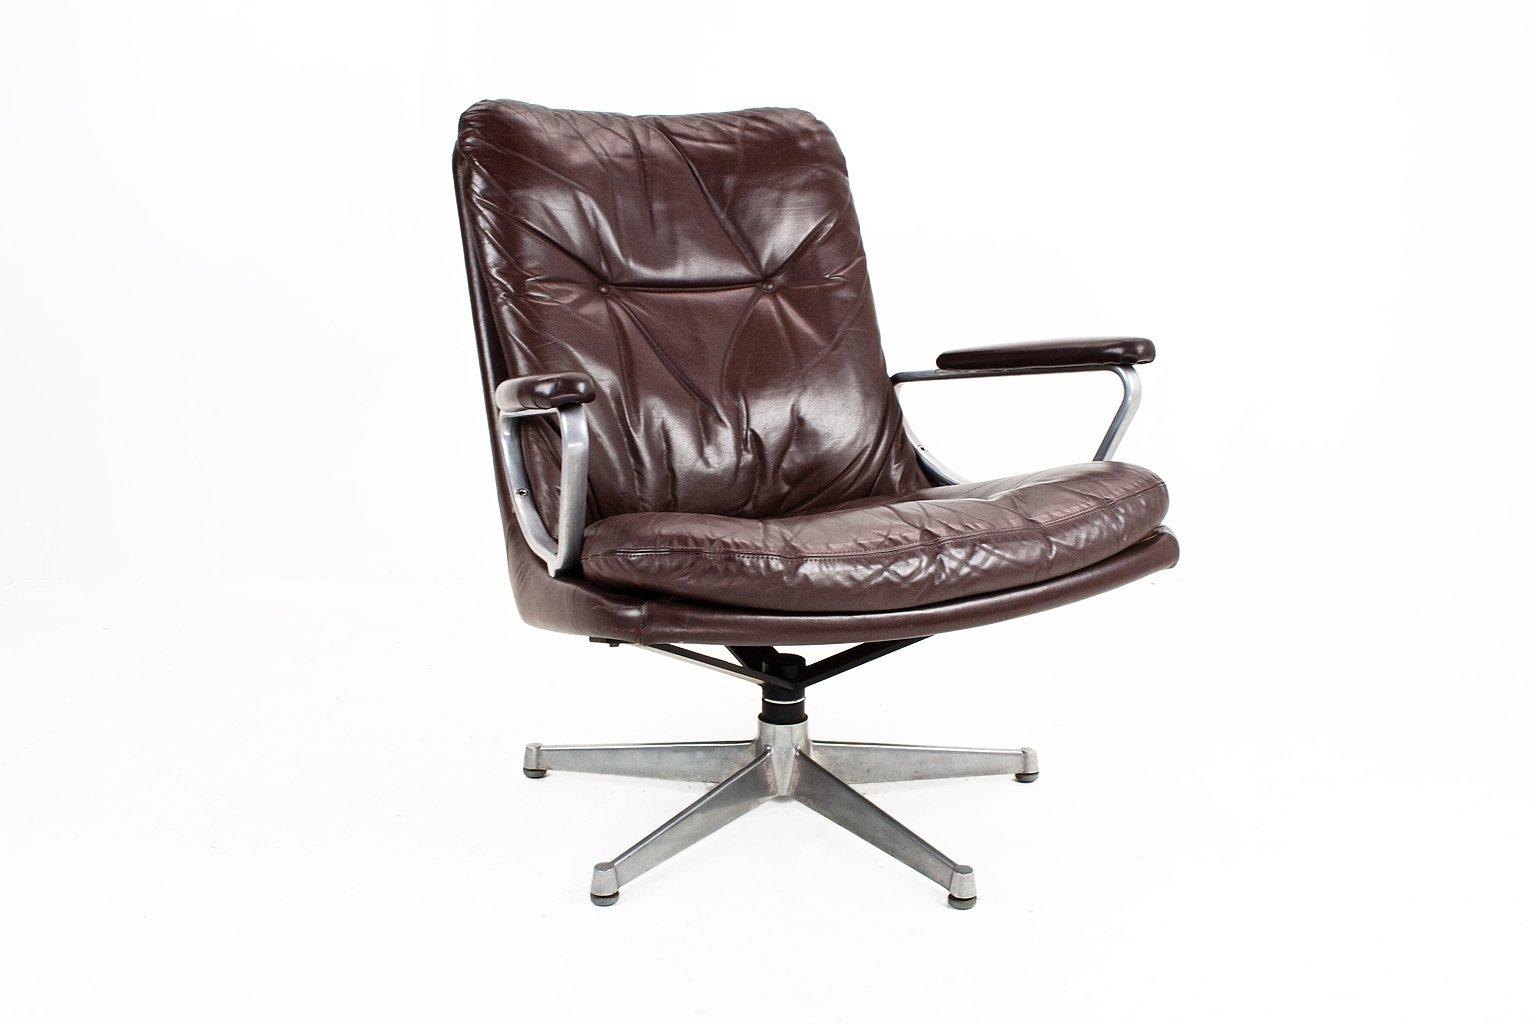 fauteuil pivotant gentilina vintage en cuir par andre vandenbeuck pour str ssle en vente sur pamono. Black Bedroom Furniture Sets. Home Design Ideas